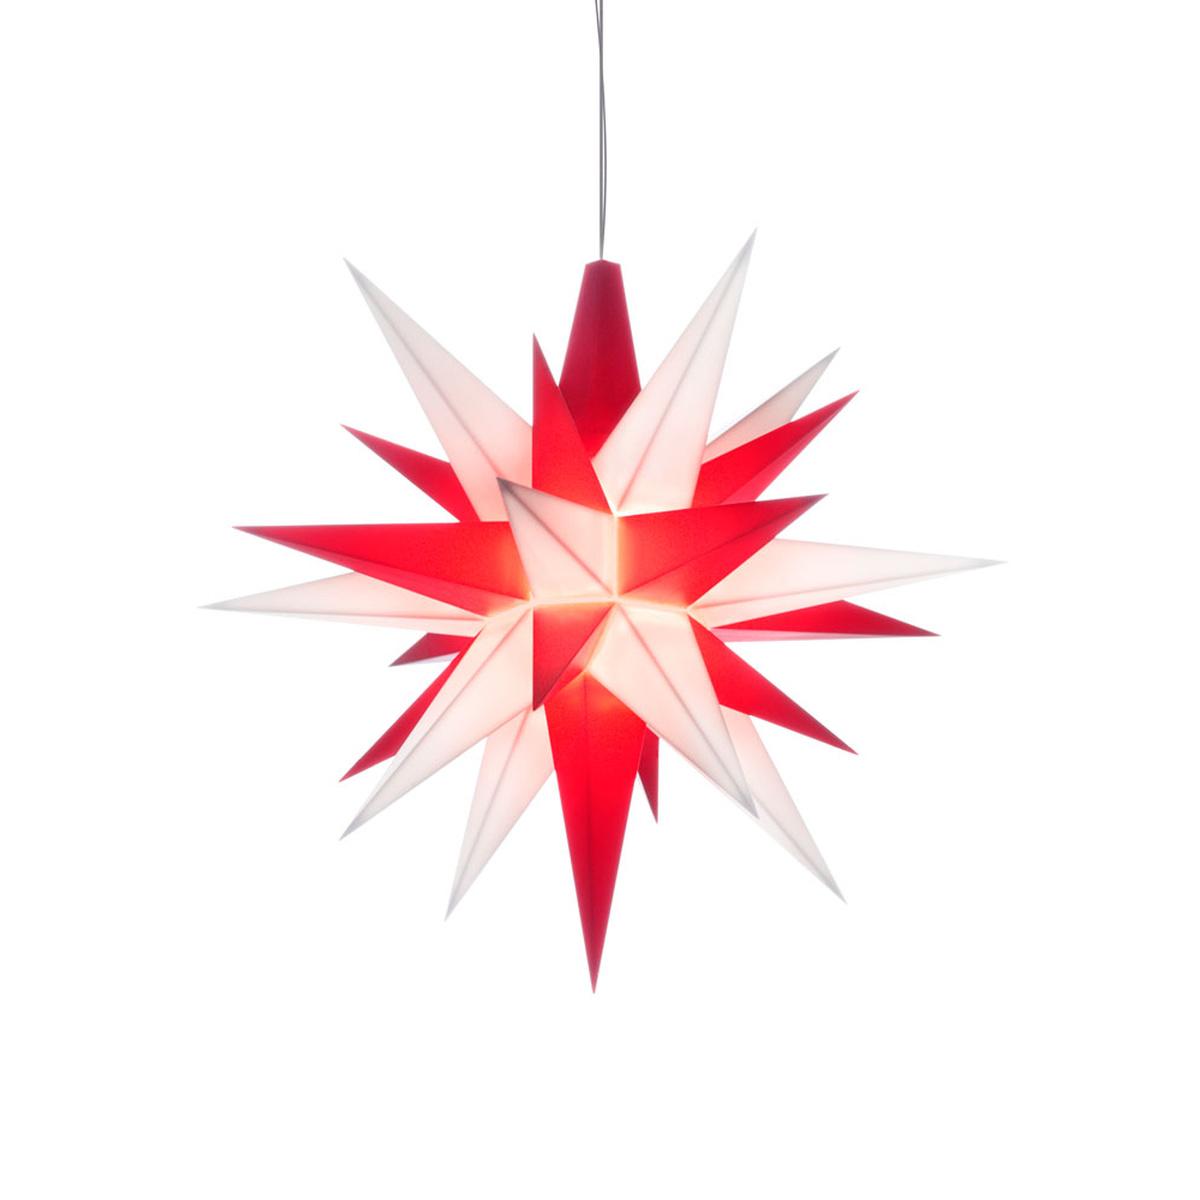 herrnhuter stern plastik a1e 13 cm mini wei rot von herrnhuter sterne f r 14 kaufen. Black Bedroom Furniture Sets. Home Design Ideas